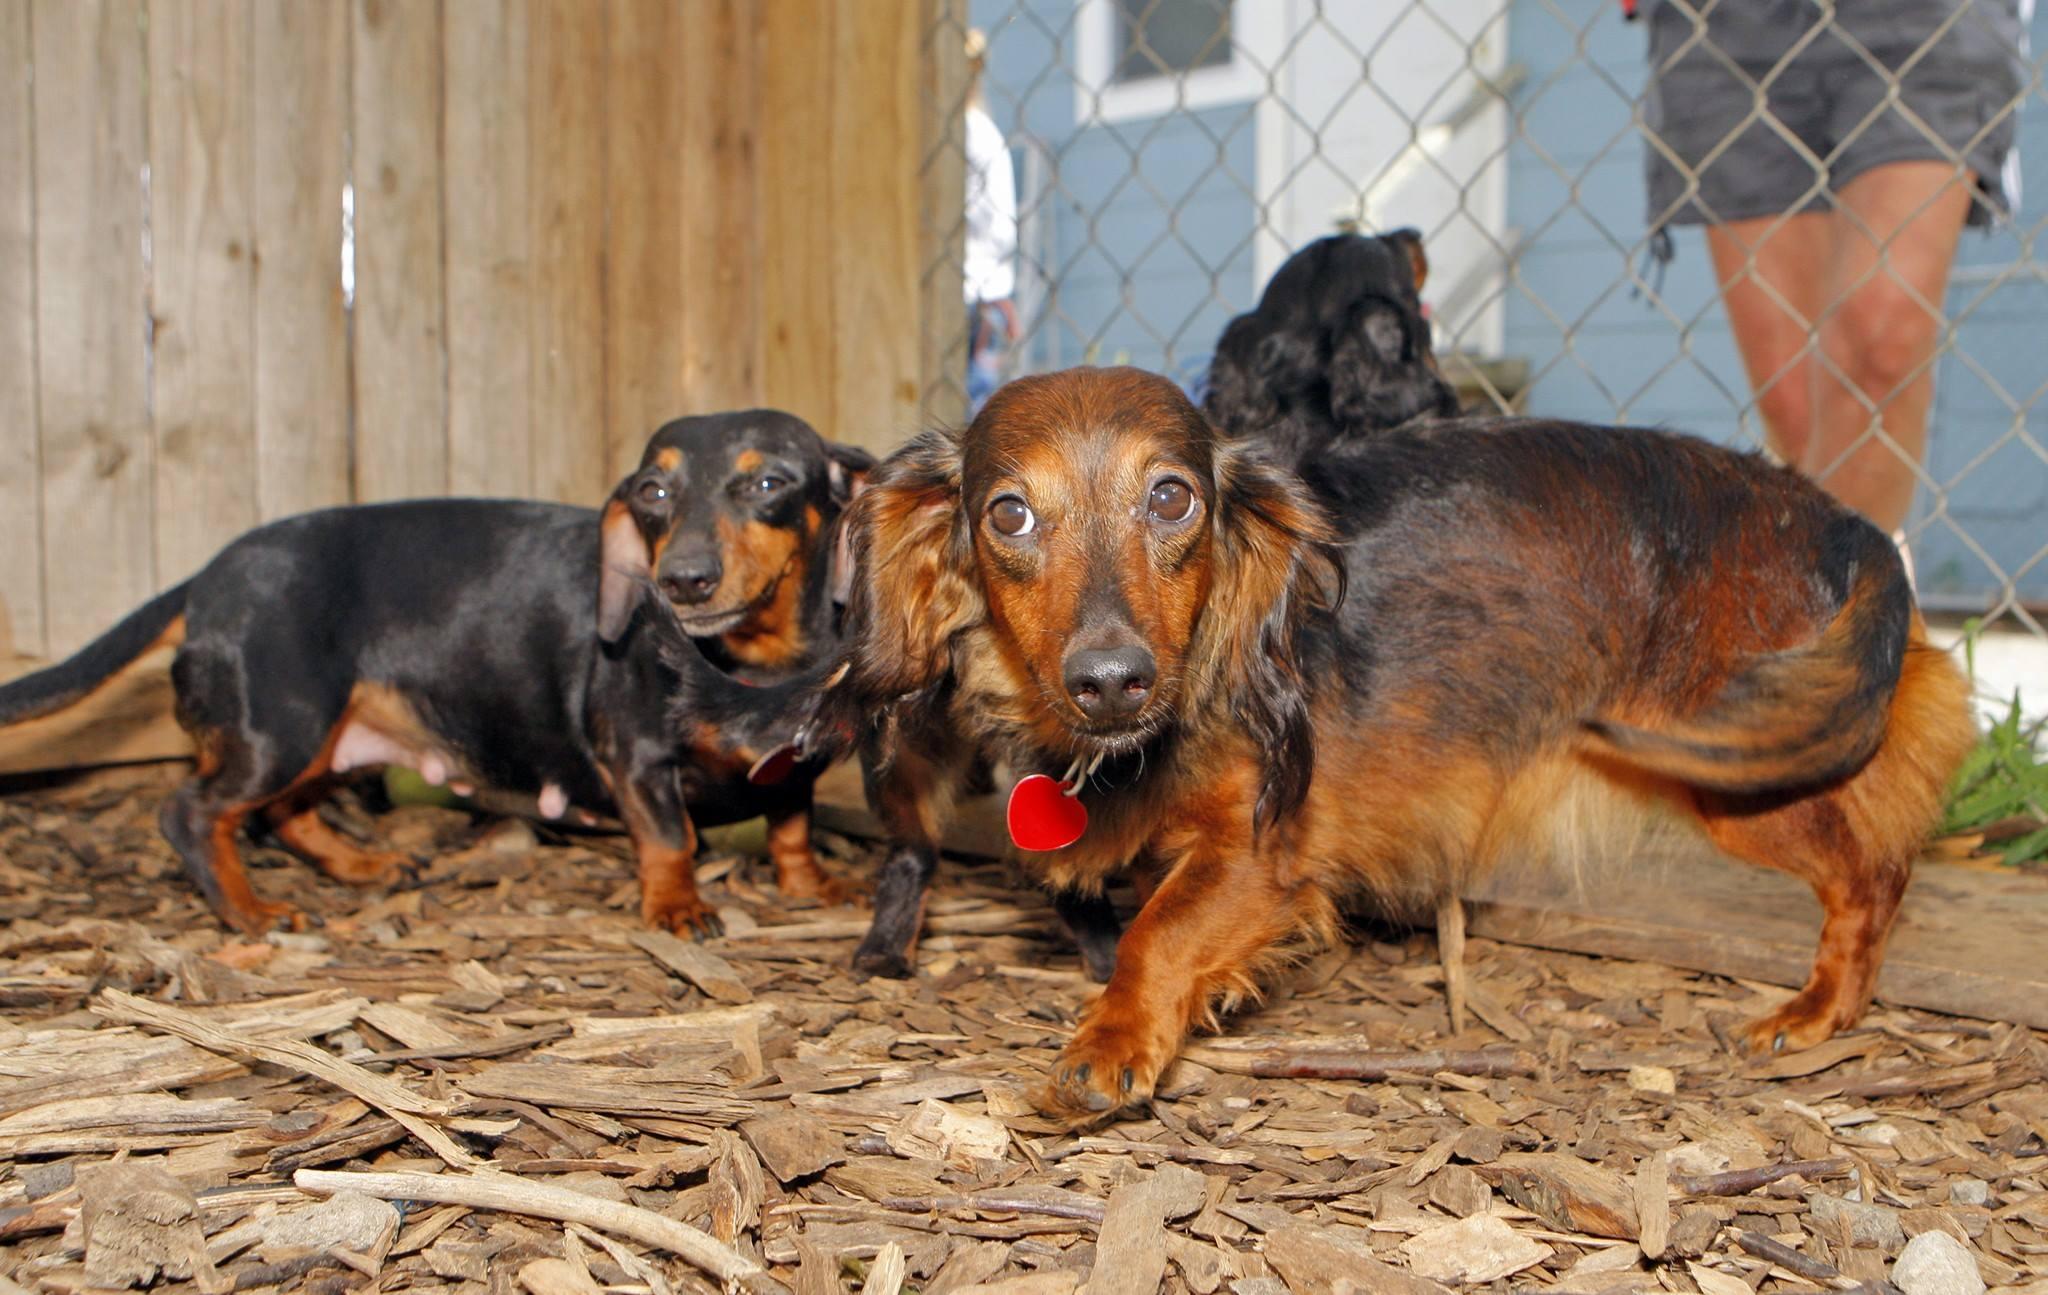 Autoridades descubren y rescatan 27 perros Dachshunds en una casa 6